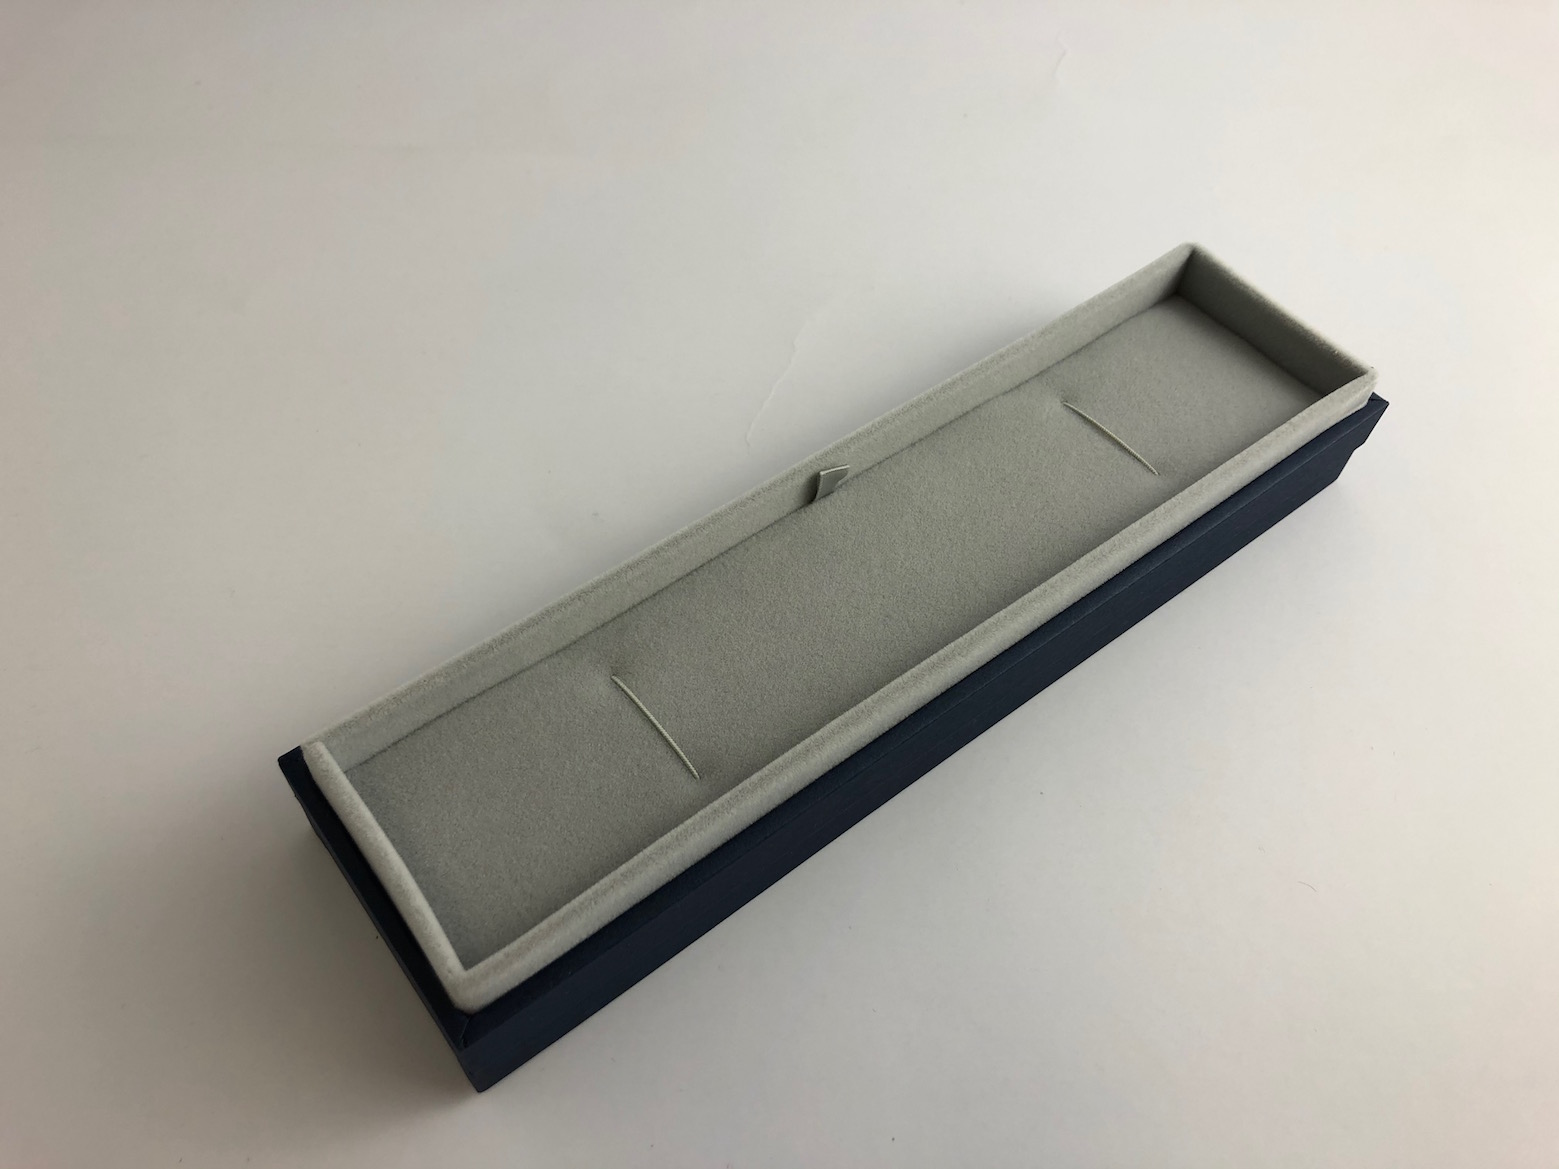 New Blue Envy Bracelet or Pen Box